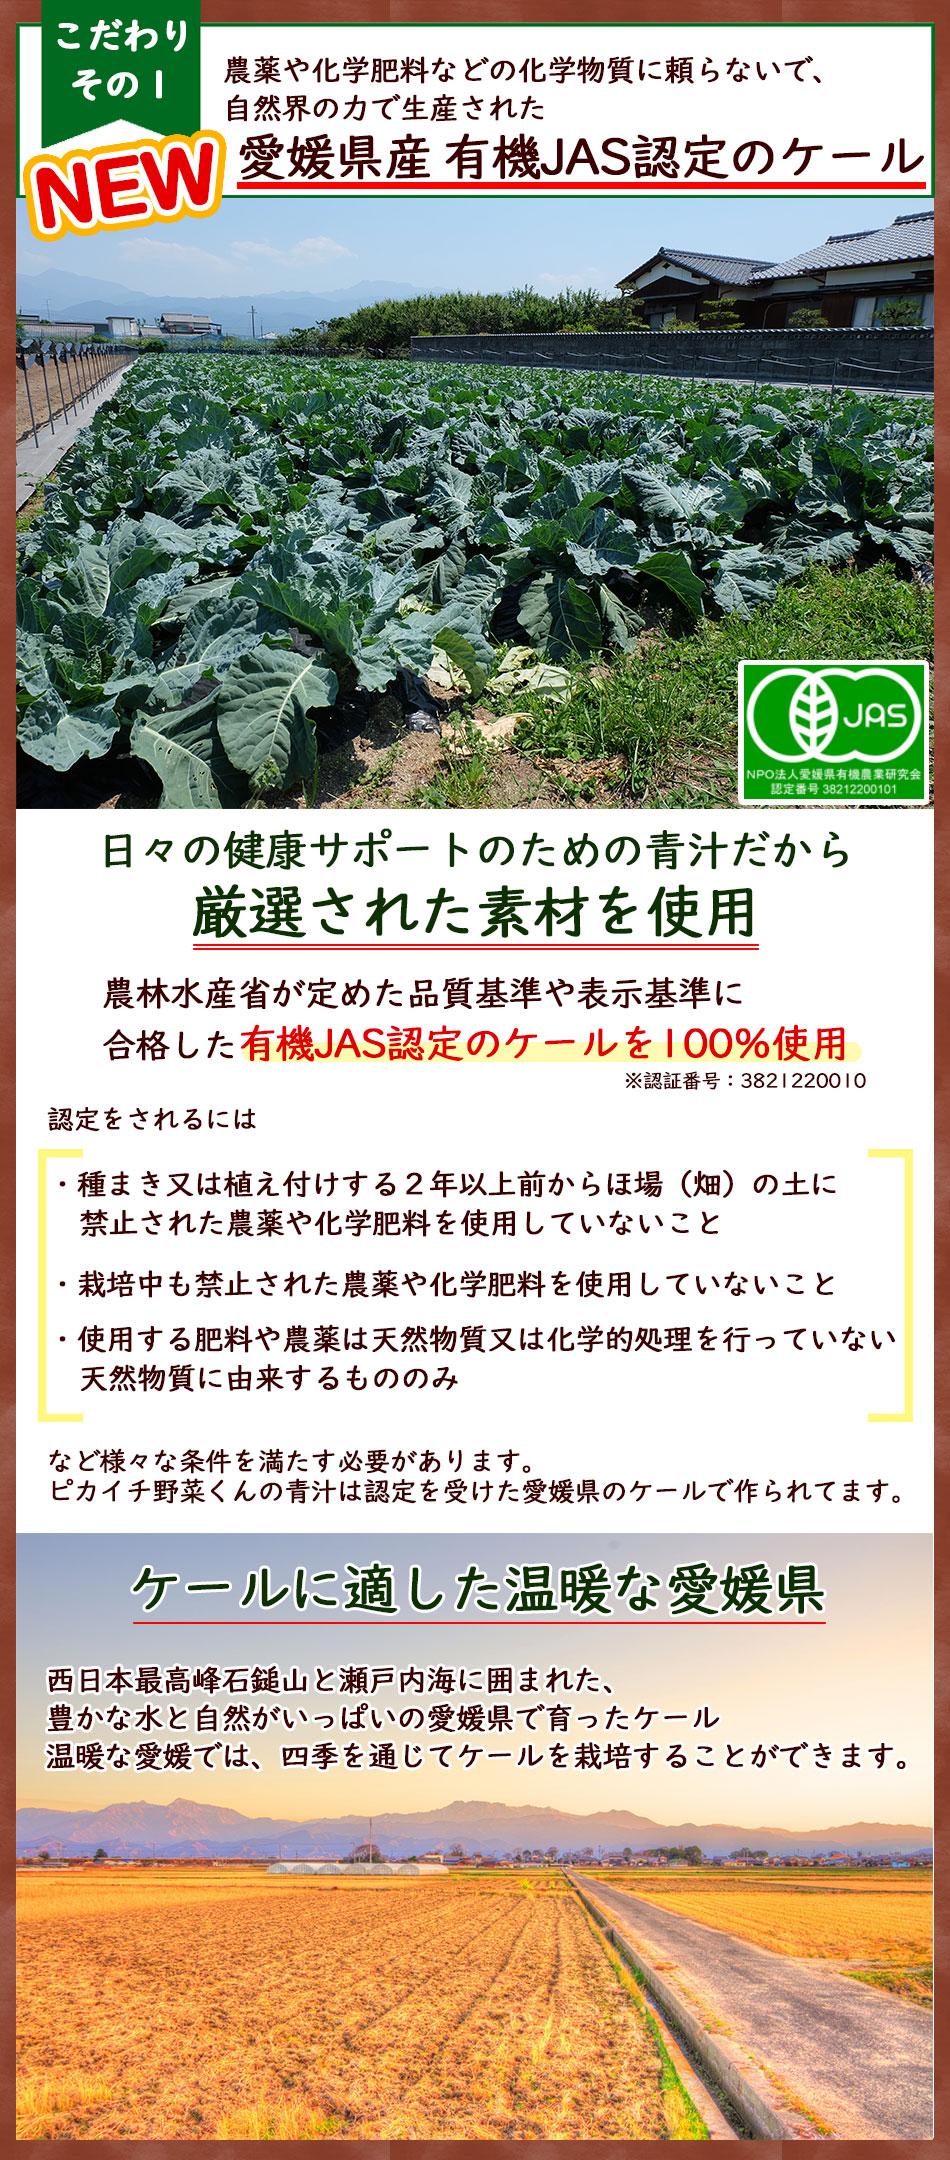 愛媛県産有機JAS認定の無農薬ケール